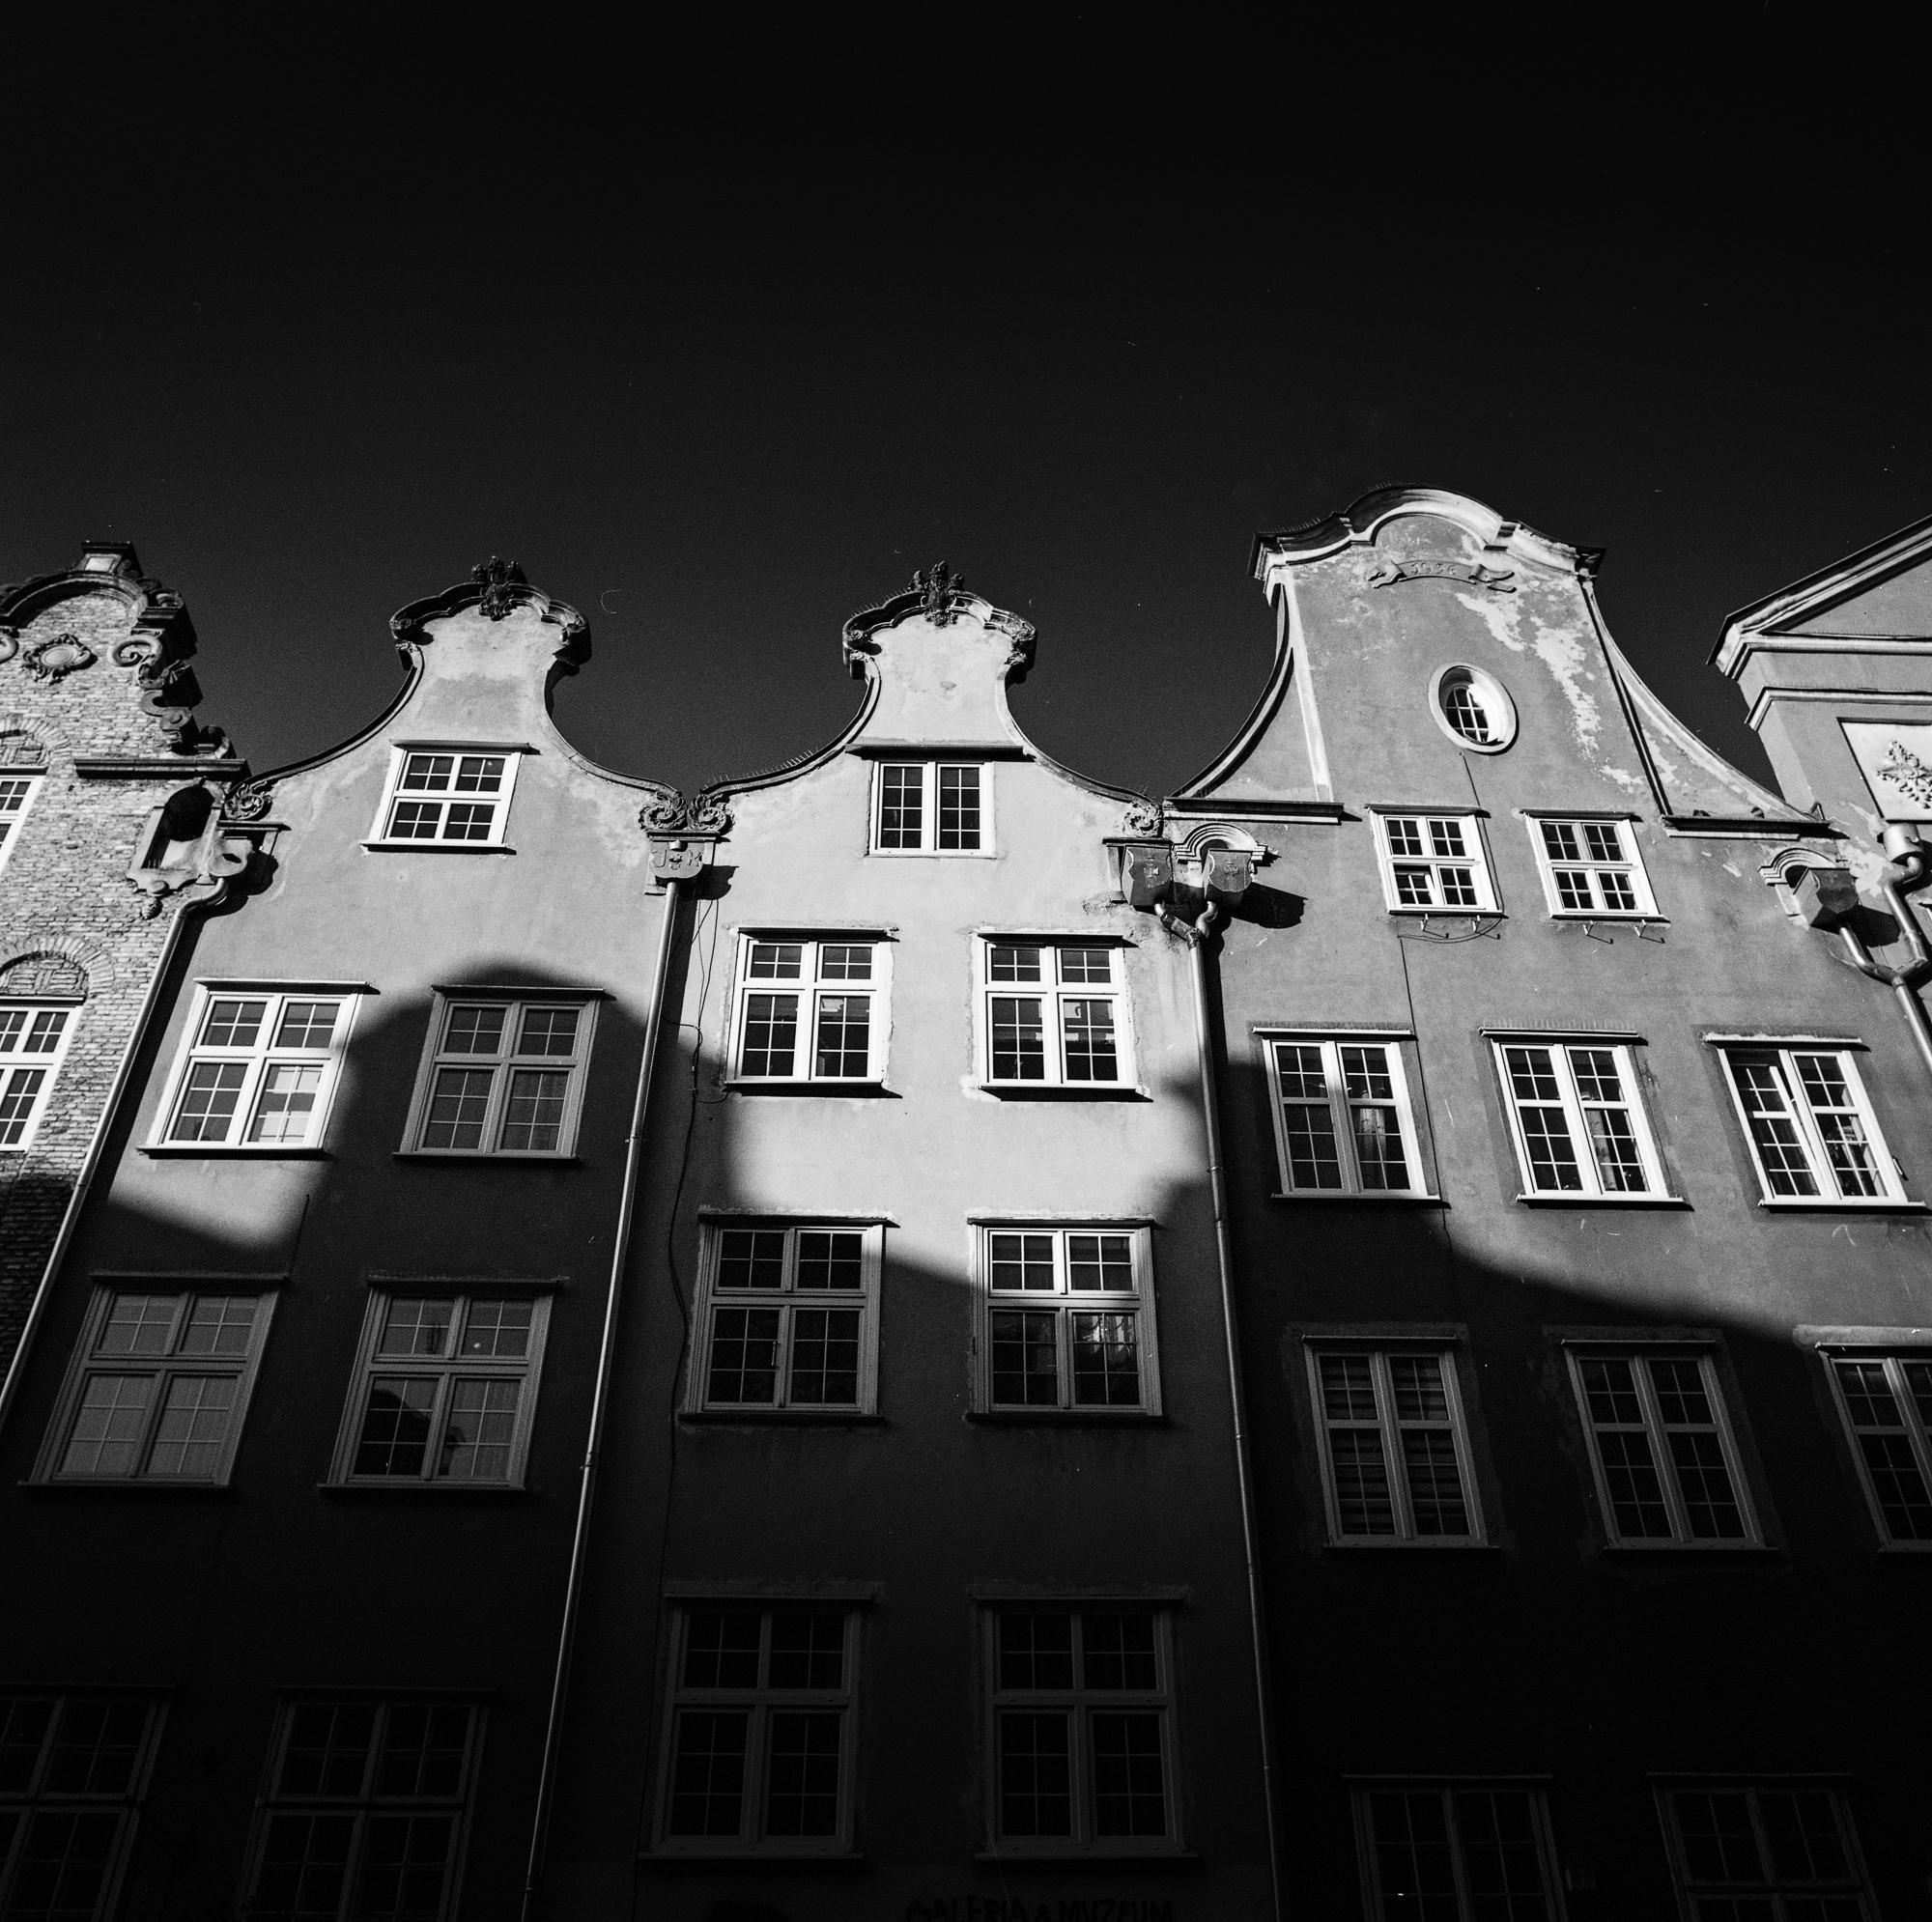 Gdansk-XP2347-©Bjørn Joachimsen.jpg